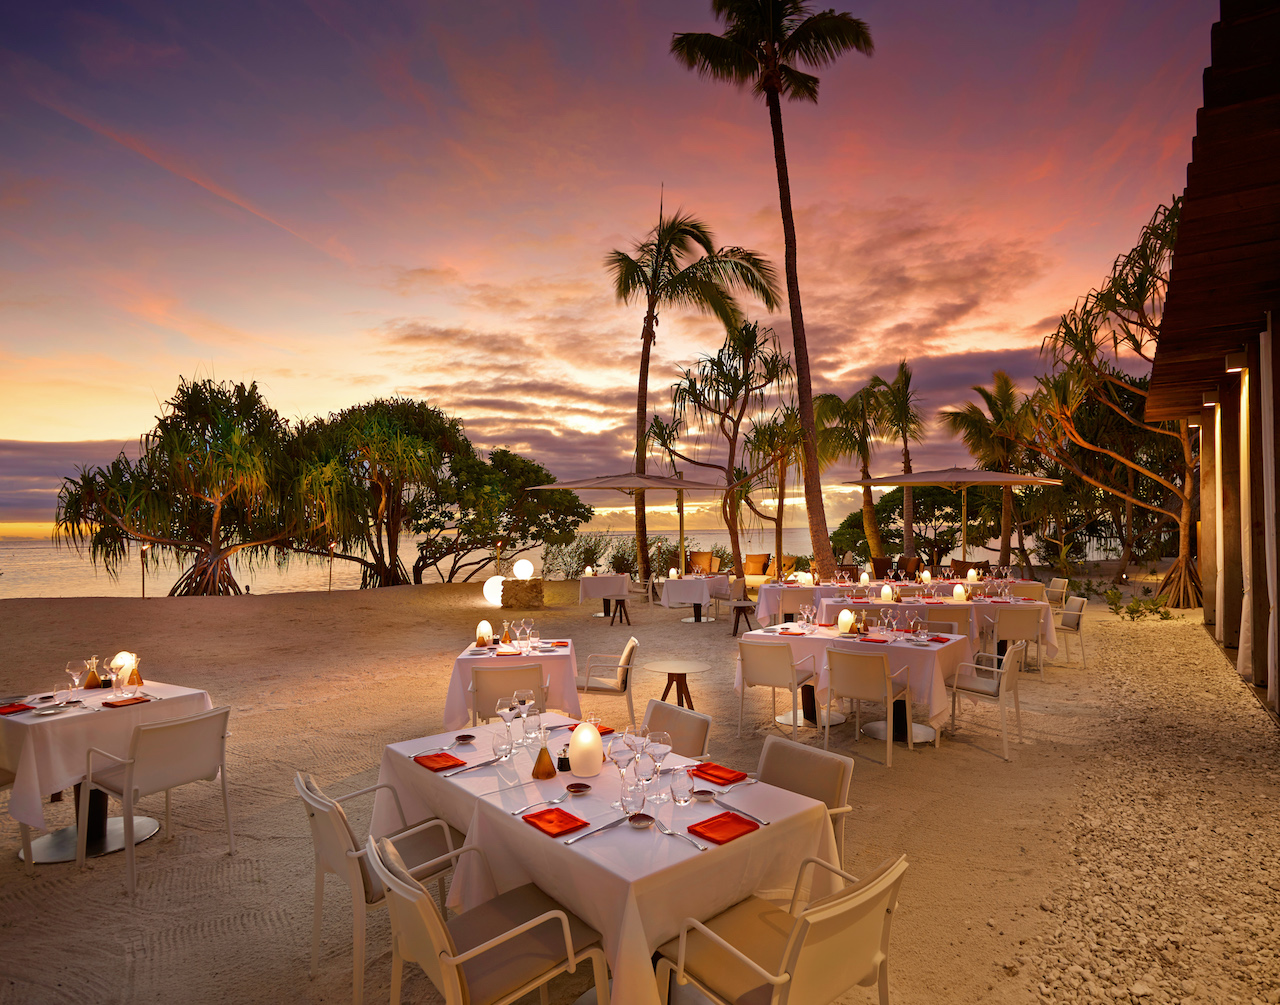 BRANDO_Restaurant-BeachDining-Sunset 1.jpg